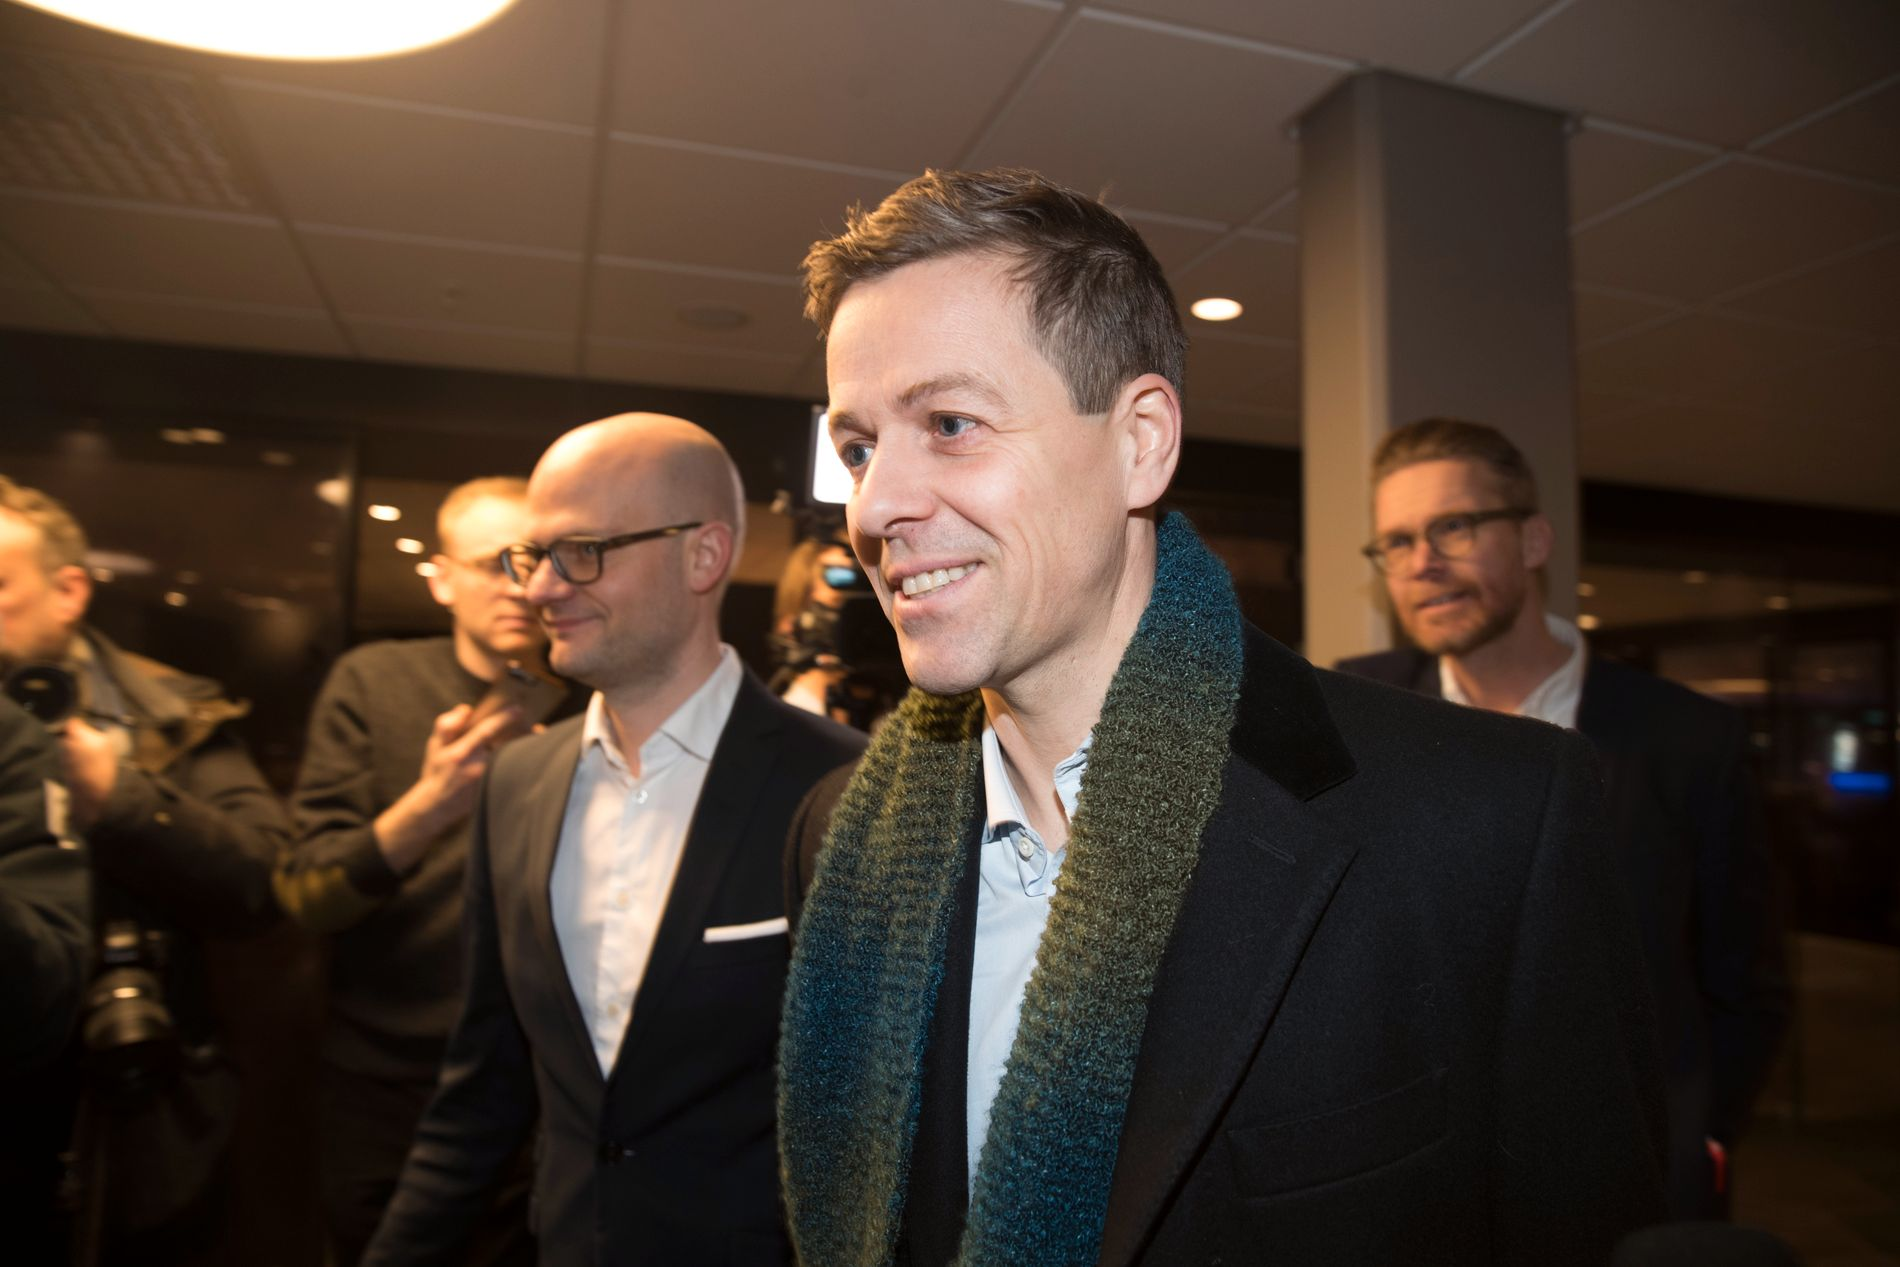 MANNEN I MIDTEN: Knut Arild Hareide gjekk torsdag kveld av som partileiar etter å ha tapt med knappast mogeleg margin. Her er han på veg inn på KrFs landsstyremøte.